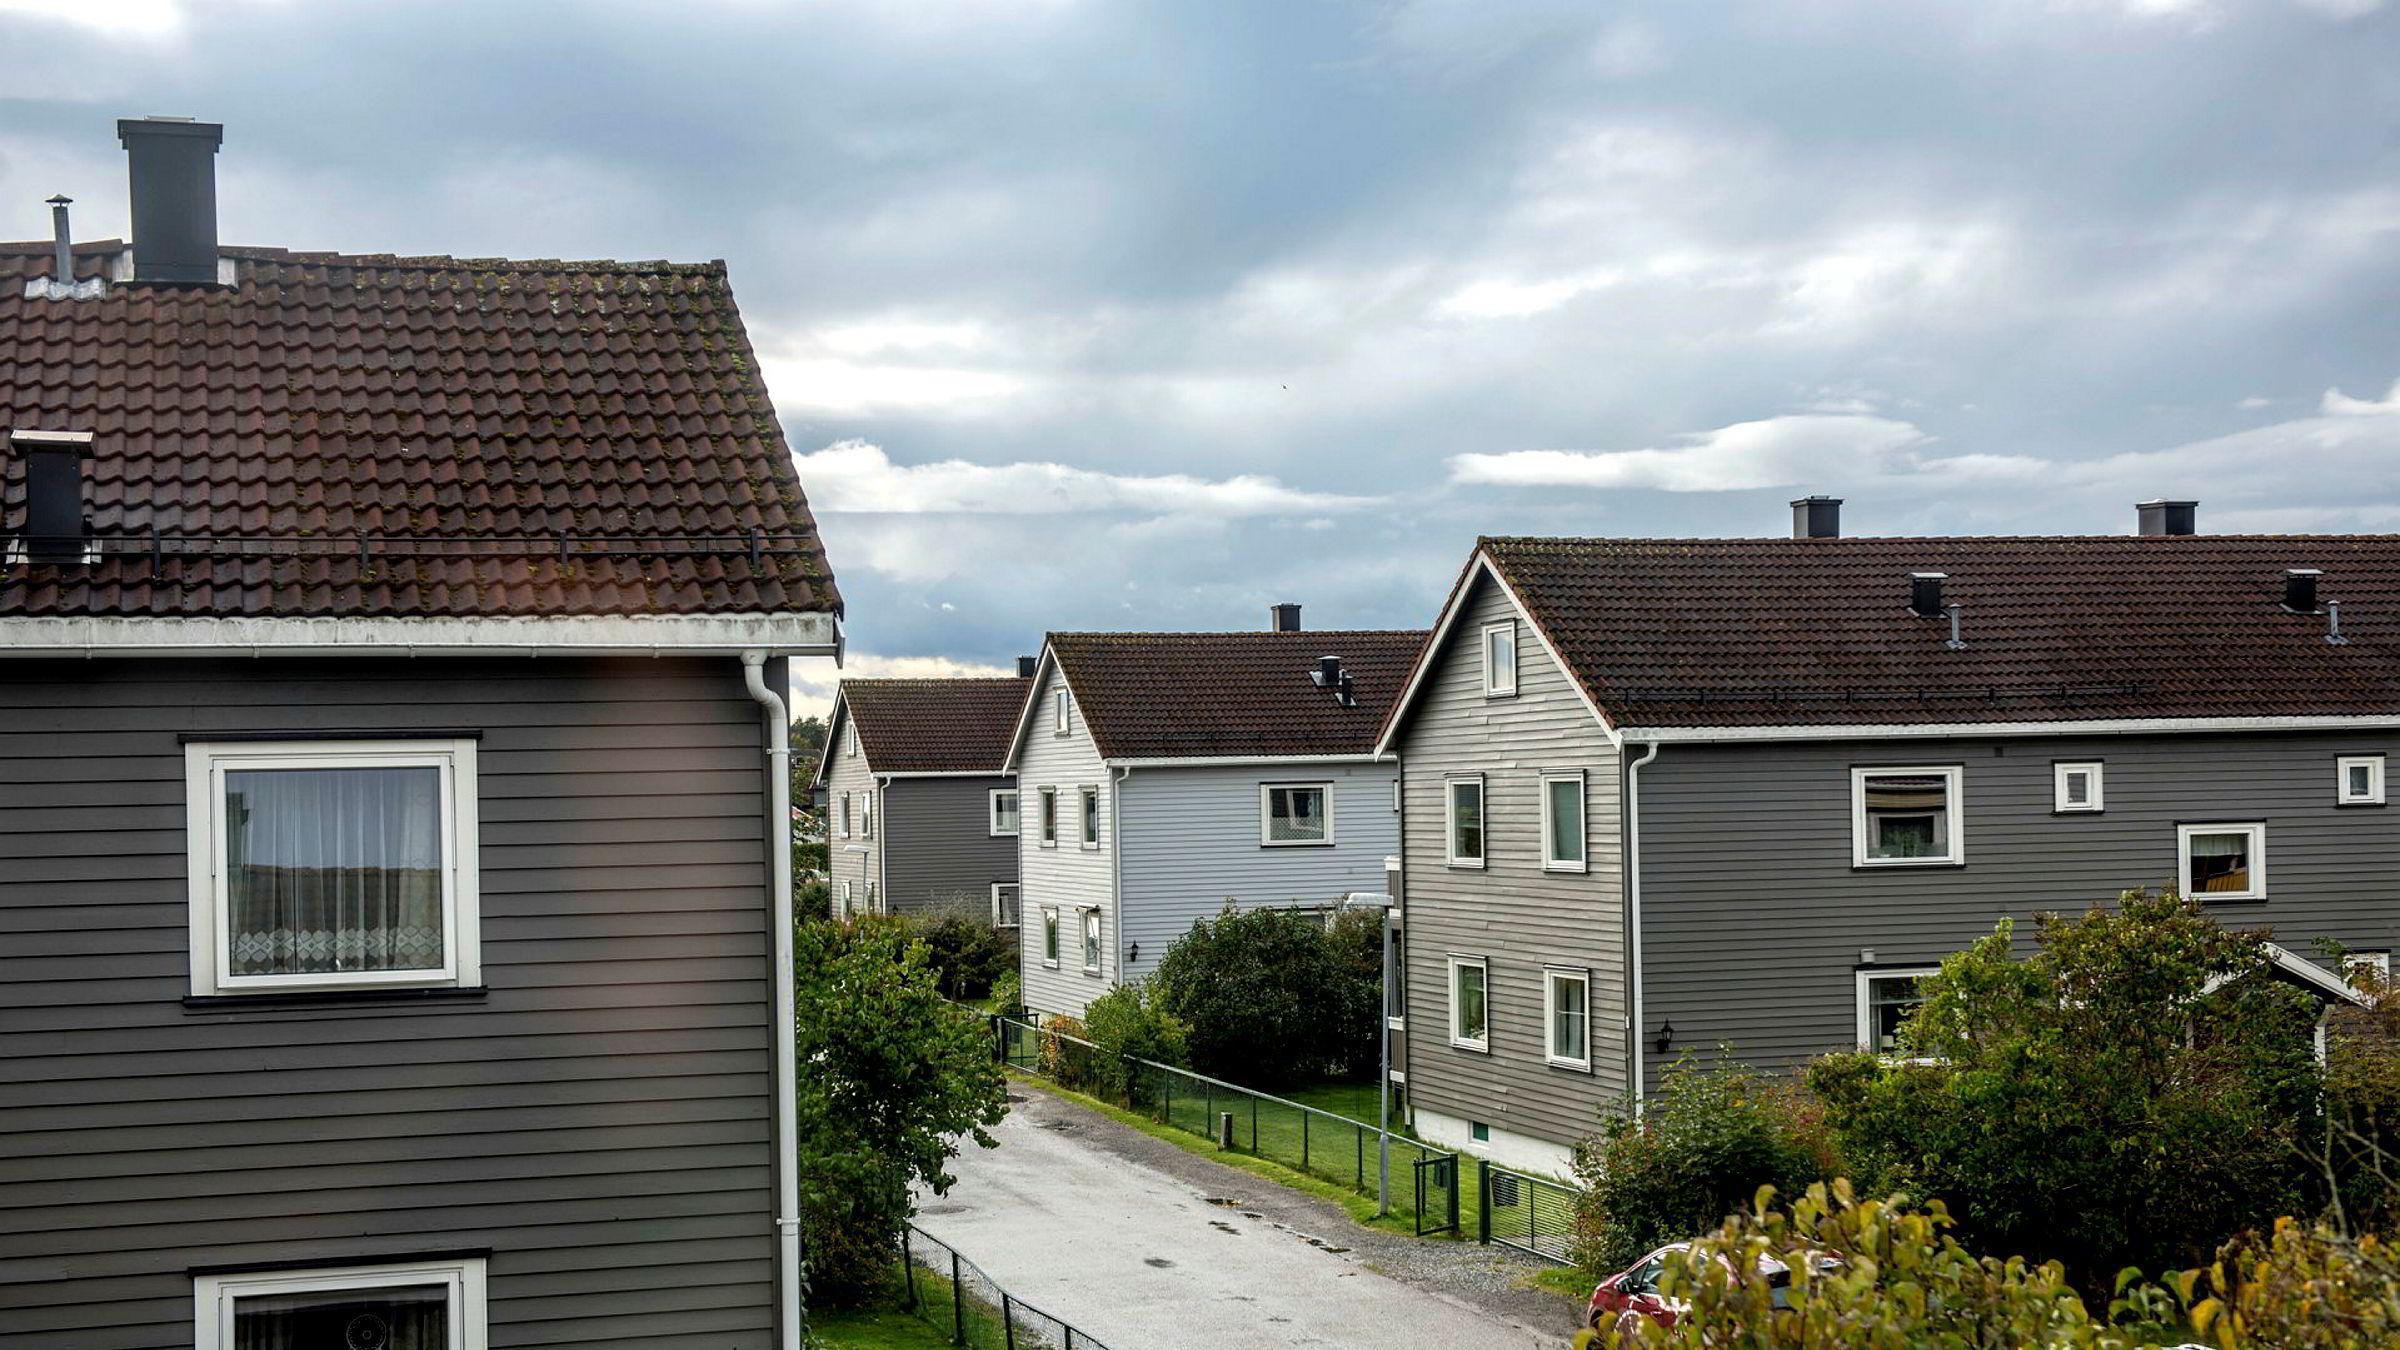 Kjøp av bolig er mange nordmenns viktigste investering, men mange har høyere rente på sine boliglån enn det de kunne ha forhandlet frem. Her fra et boligområde i Moss. Foto: Fartein Rudjord